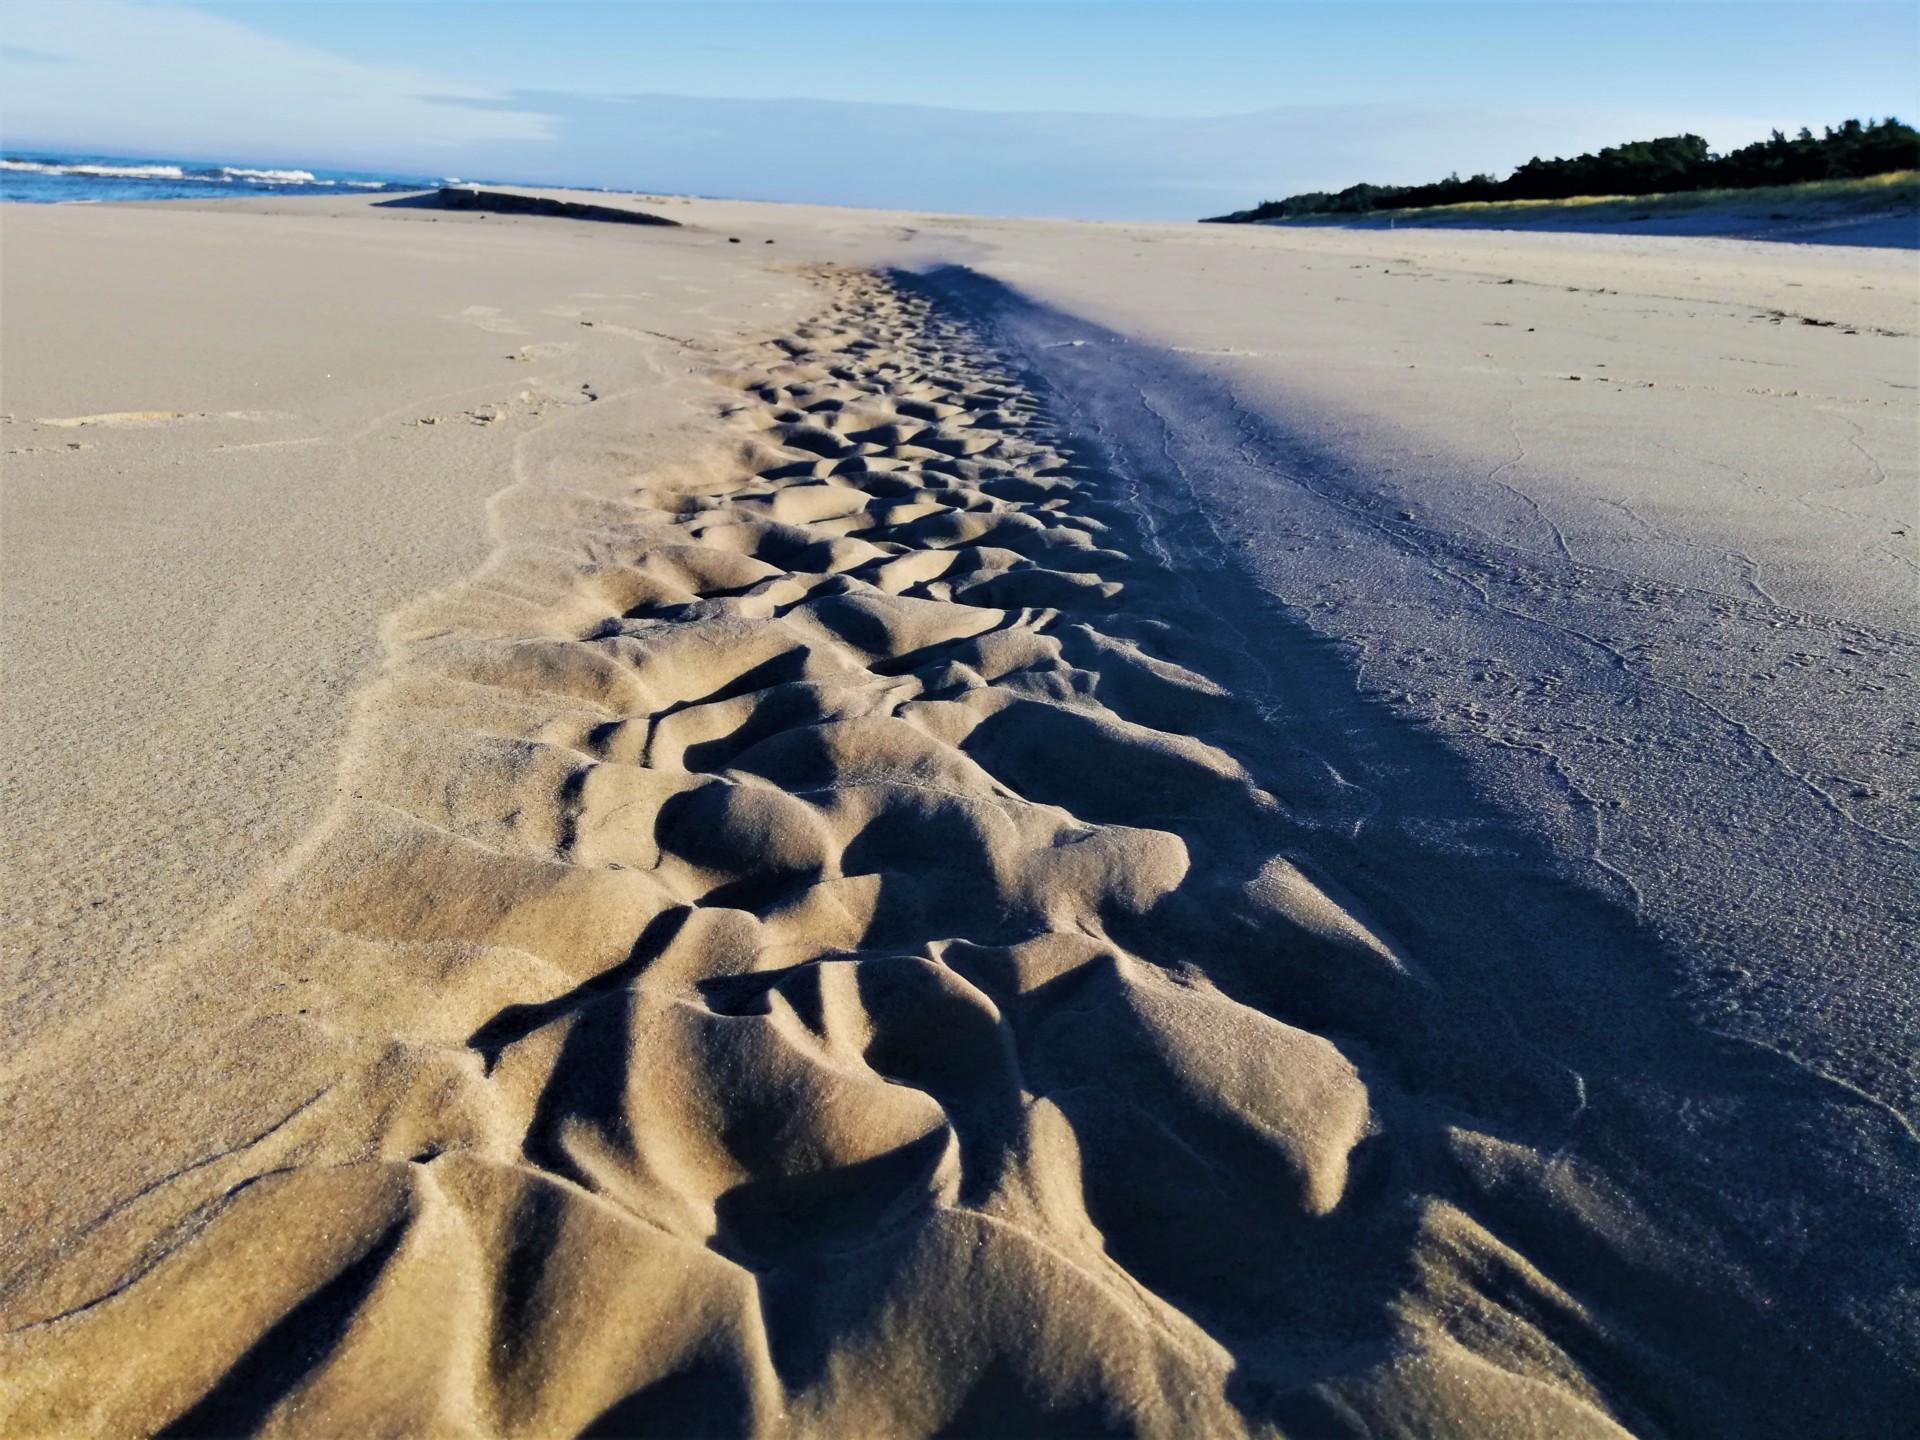 Plaża we władaniu przyrody. Lubiatowo - Kopalino, listopad 2019